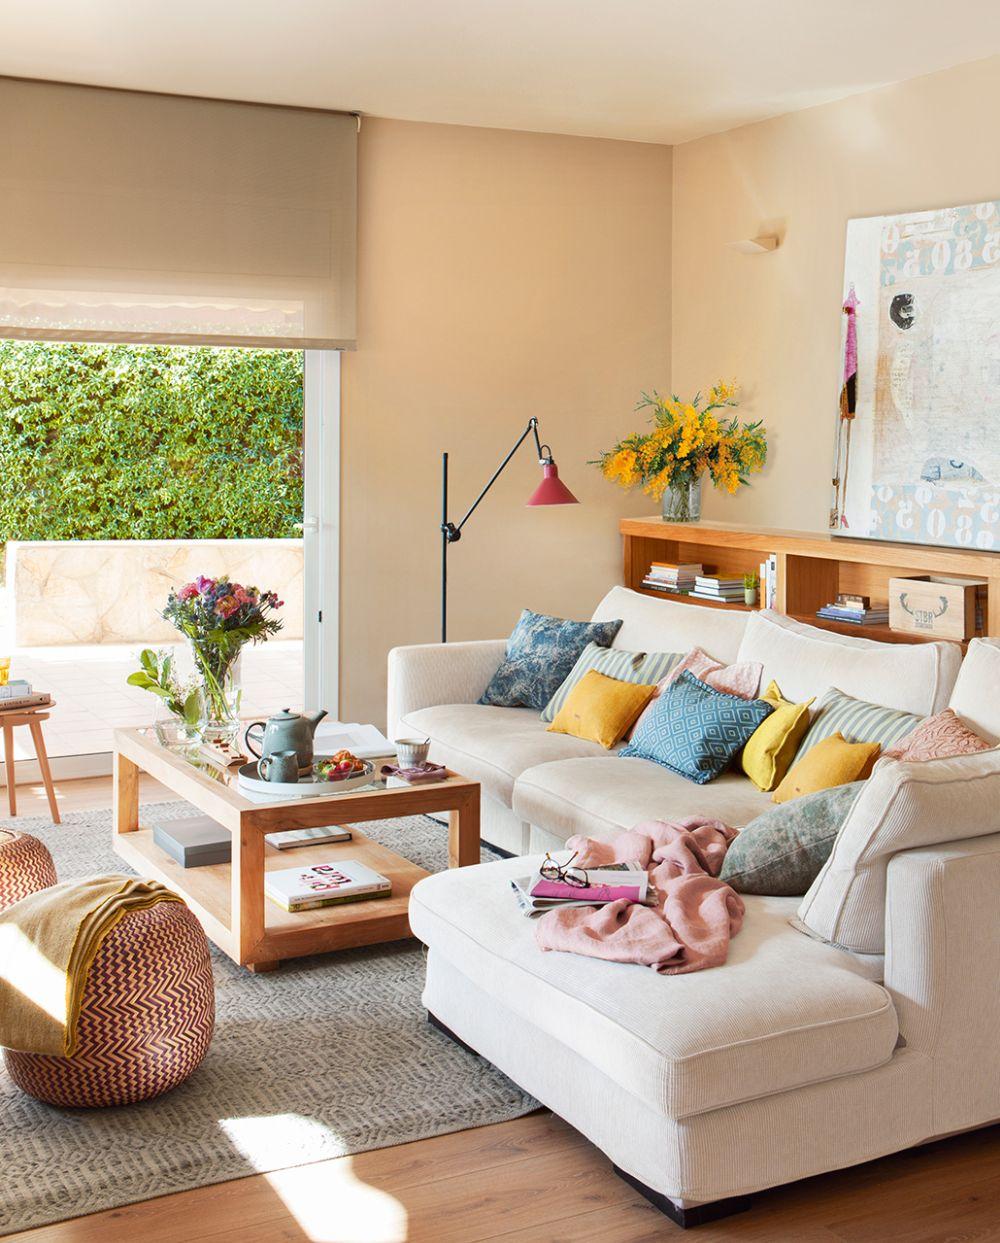 adelaparvu-com-despre-casa-renovata-ca-sa-fie-mai-luminoasa-spania-designer-martha-prats-foto-ferran-freixa-elmueble-9